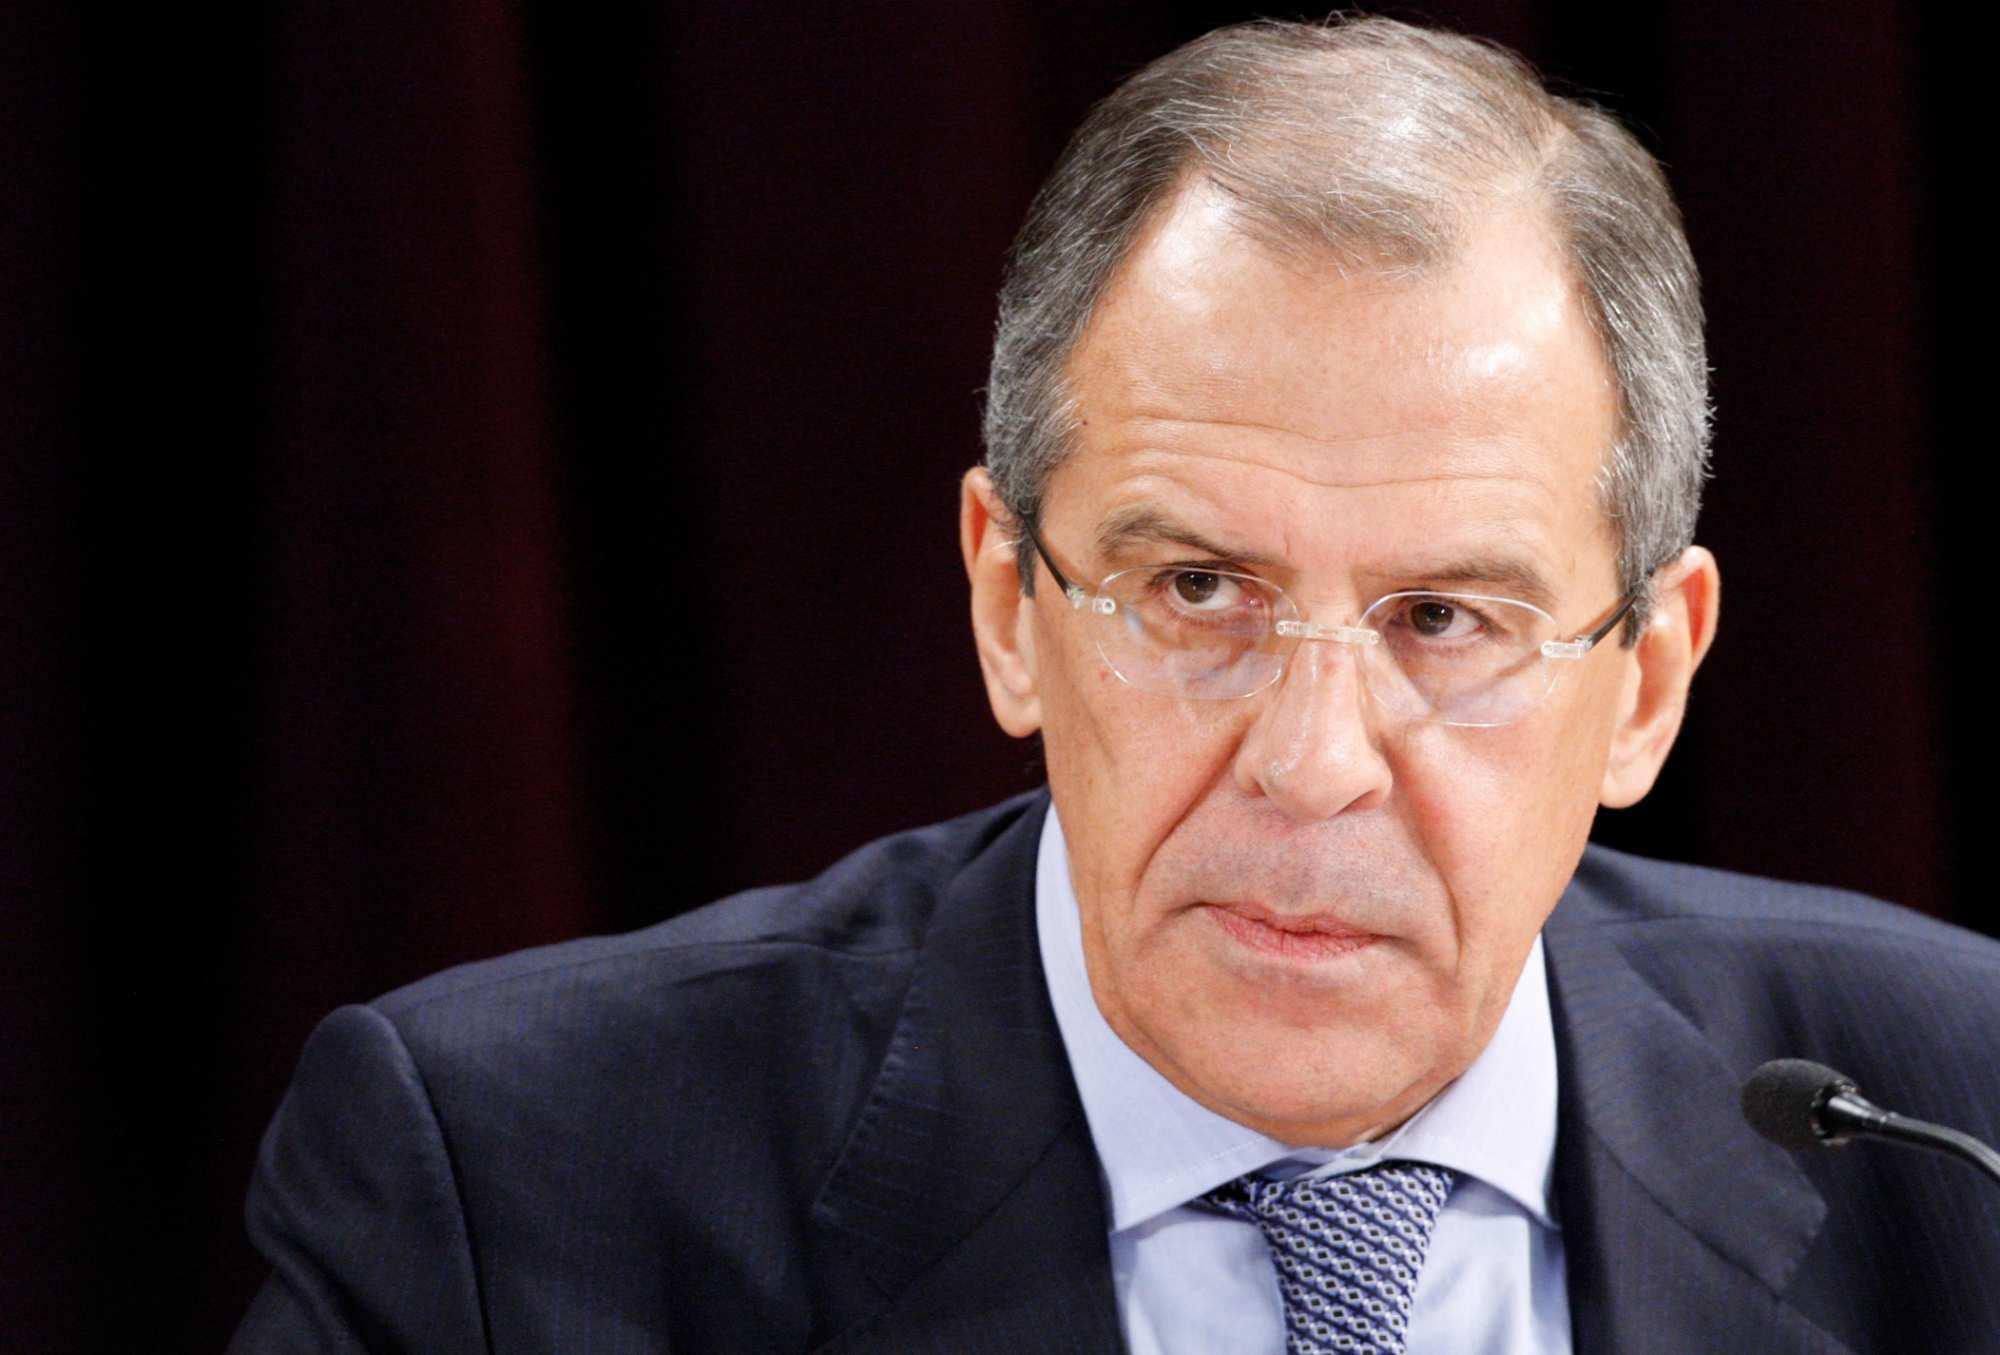 МИД: Россия не согласна с оценкой Пентагона своих действий в Сирии, именно США «подливают масло в огонь» в регионе | Русская весна